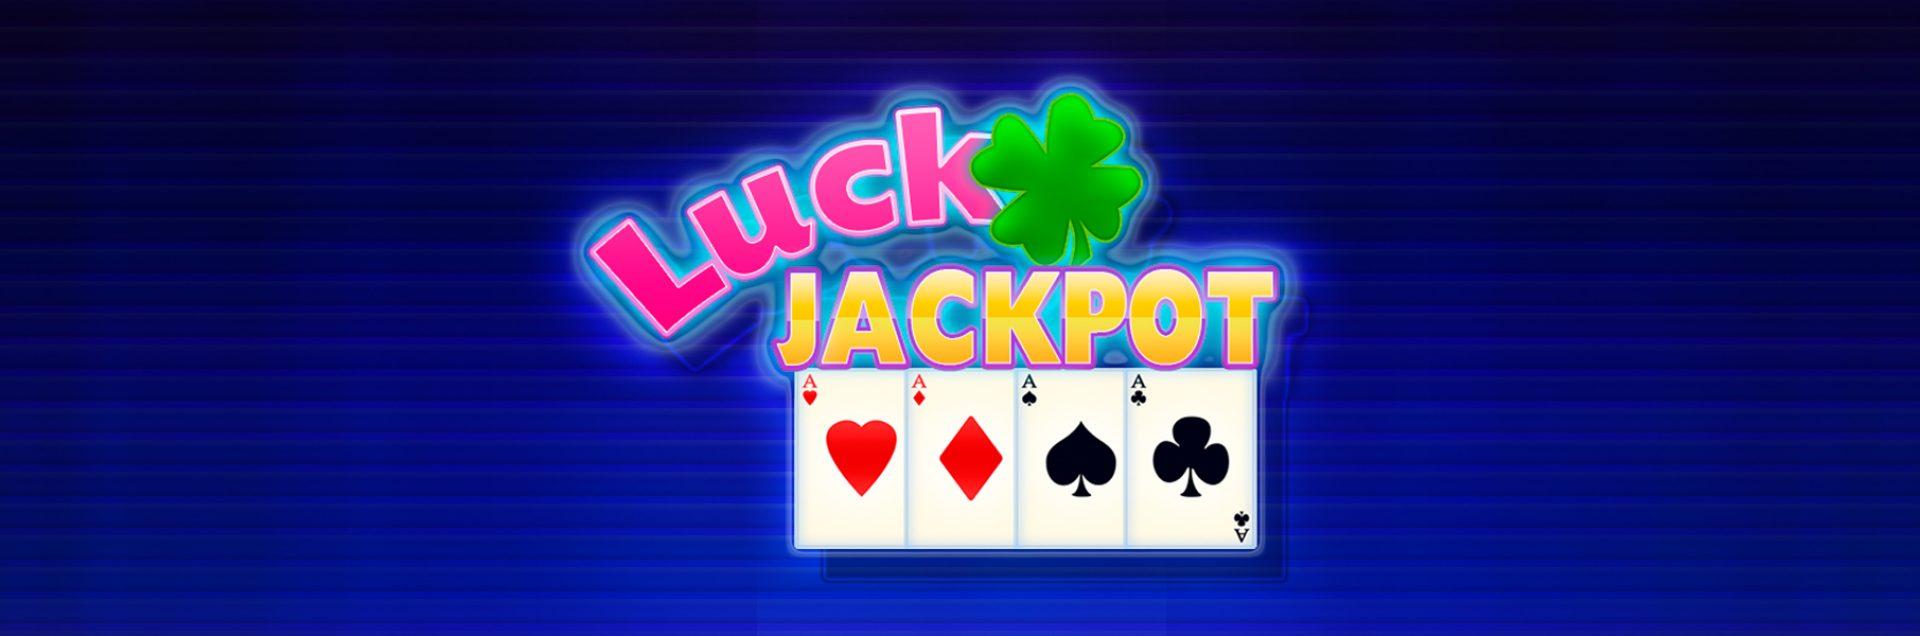 Luck_Jackpot_00